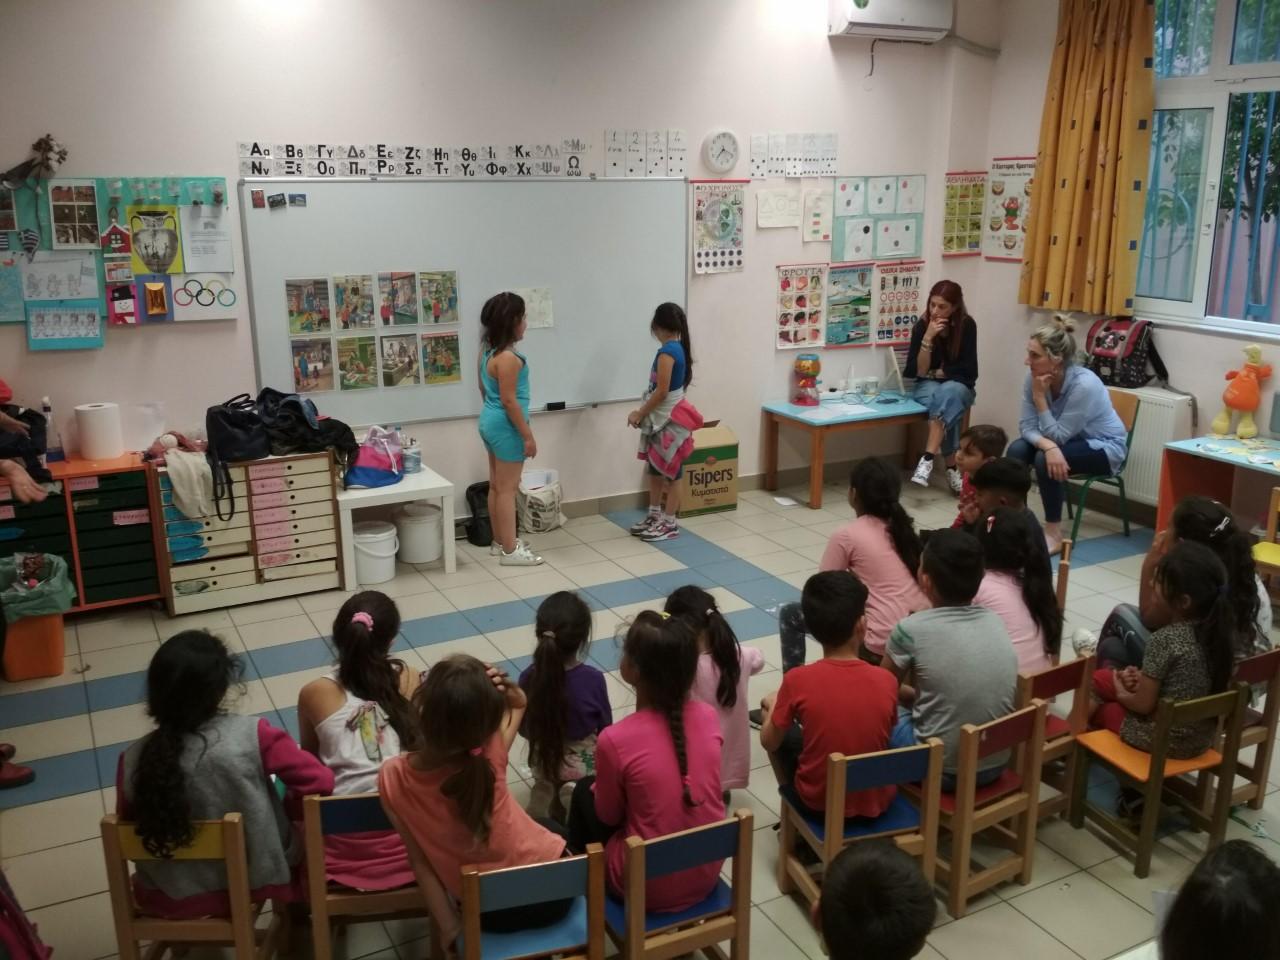 Γιορτη Μητερας Κοινωνικες δομες δημου λαρισαιων (2)